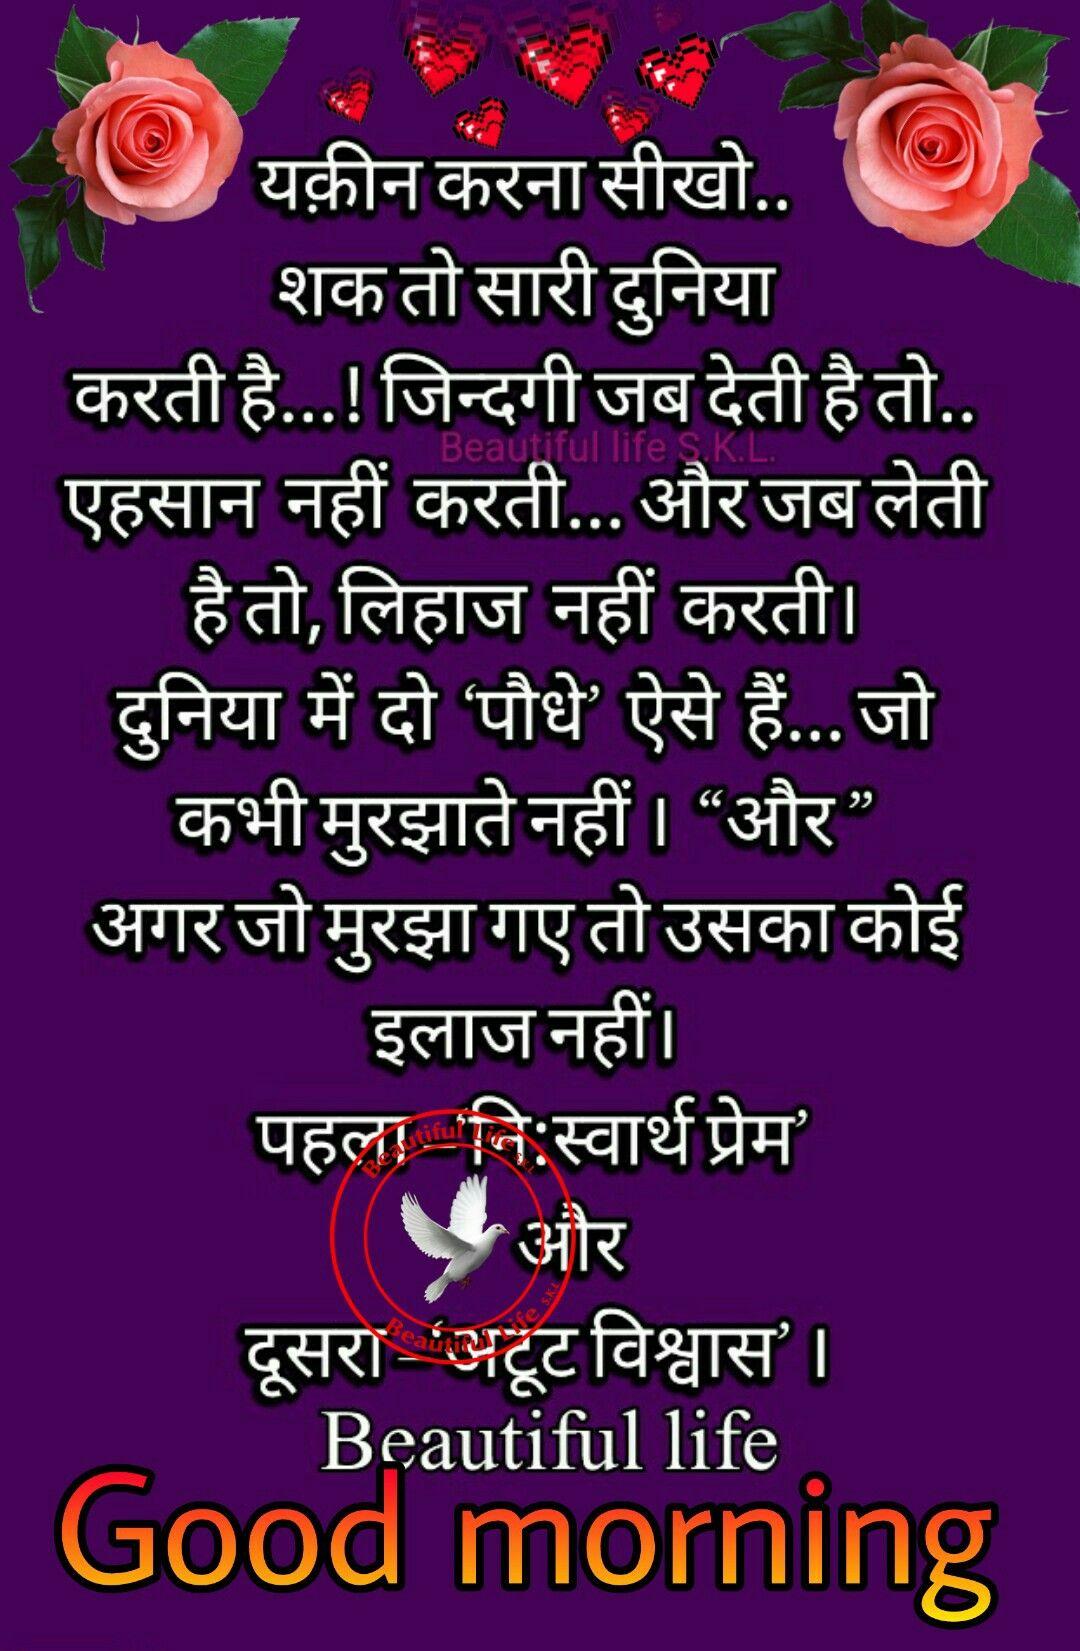 Pin By Manisha Hirapara On Good Morning Sunrise Good Morning Quotes Morning Quotes Good Morning Messages